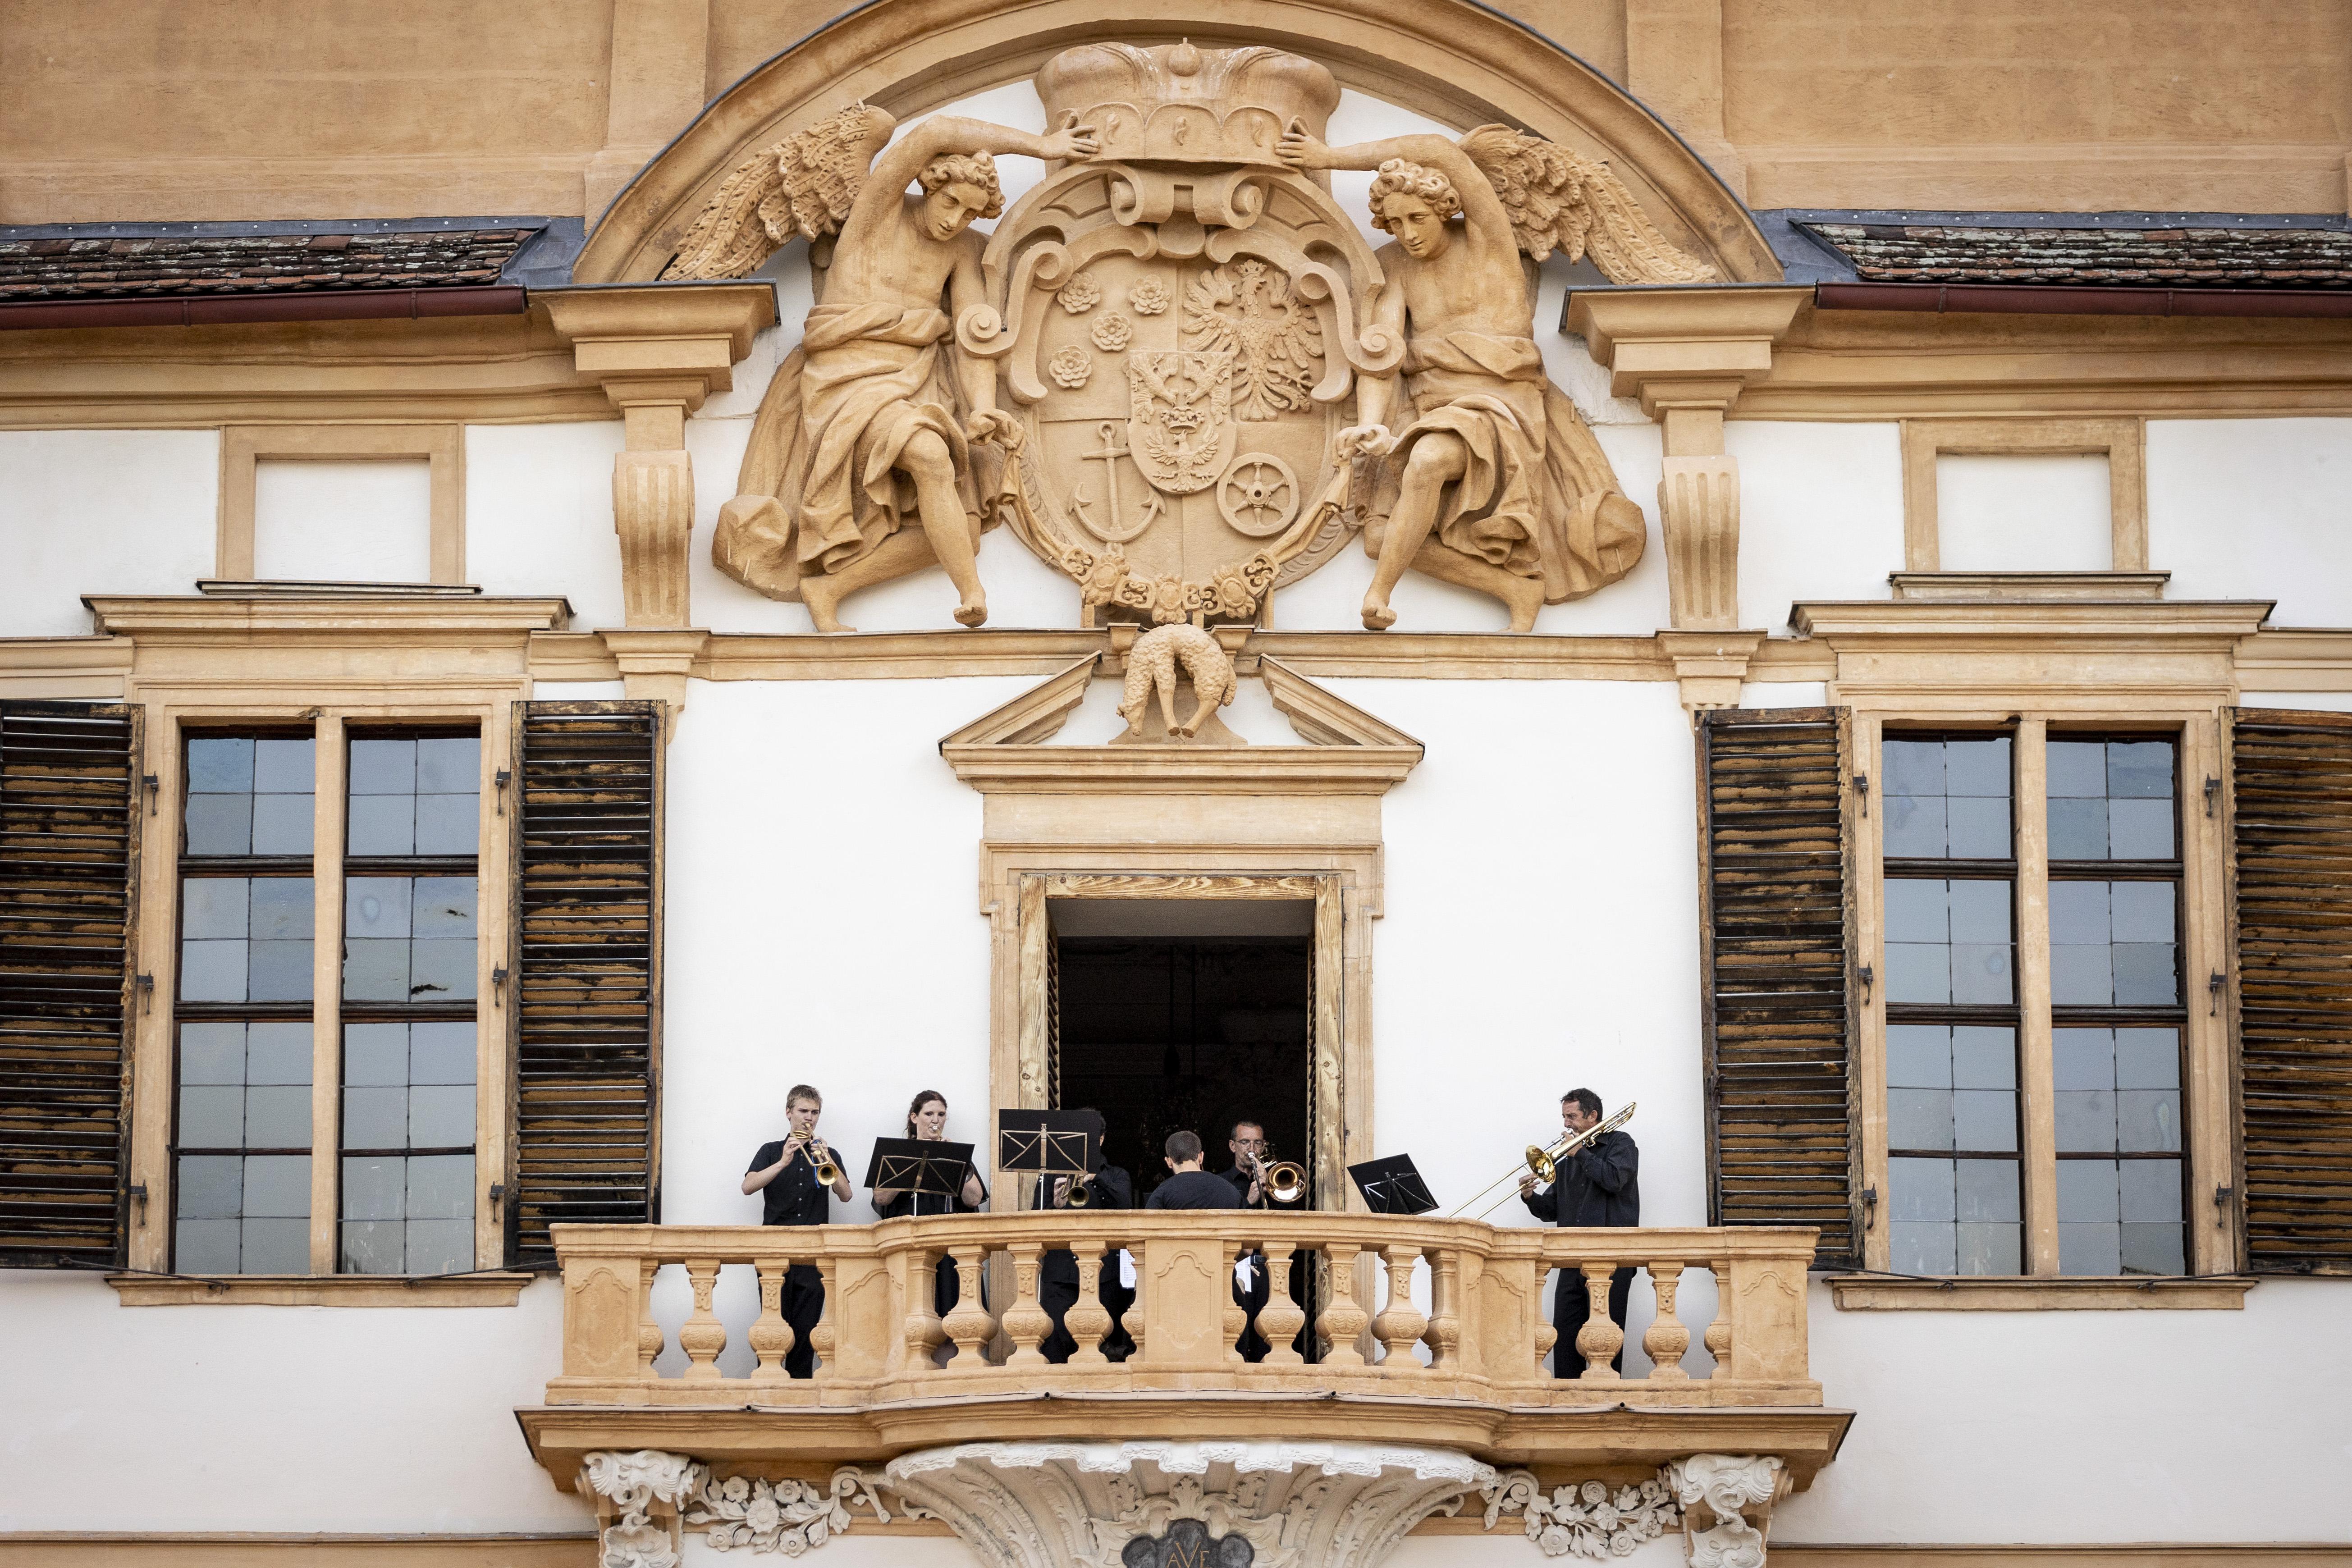 Bläserensmble am Balkon von Schloss Eggenberg